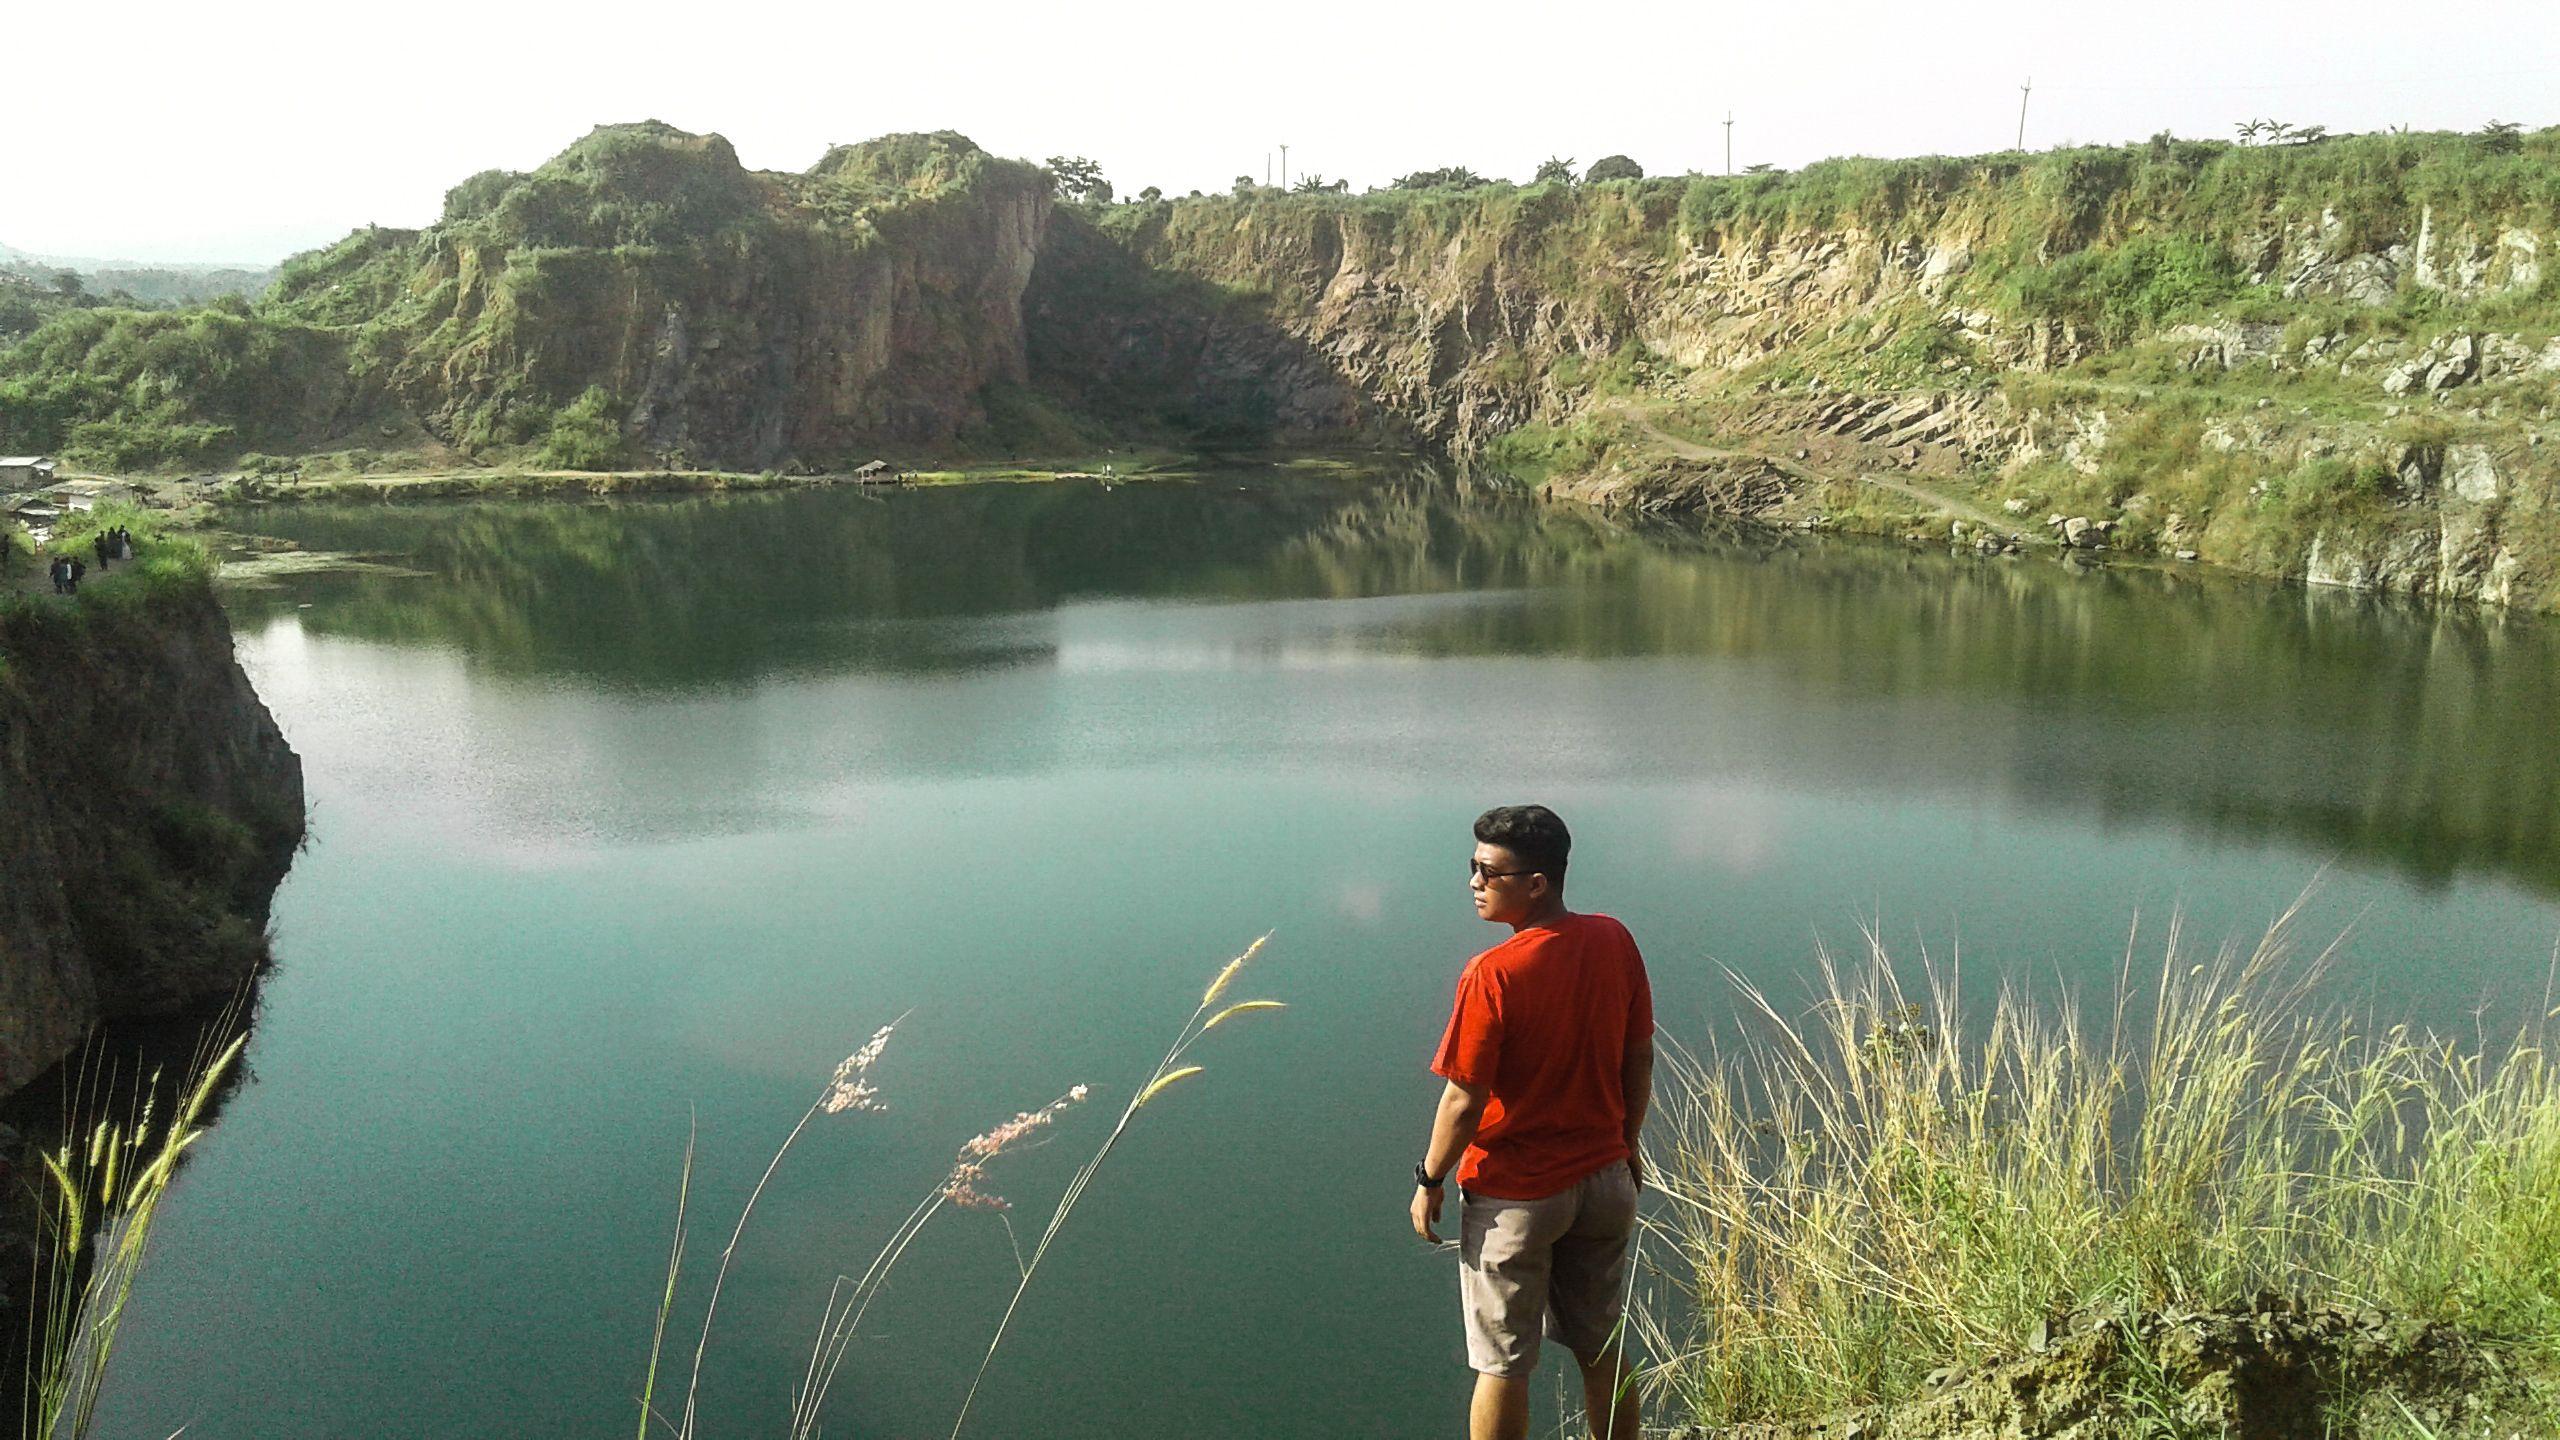 Pin oleh Irfan Azis di Danau Quarry Jayamix Rumpin Bogor Indonesia | Danau